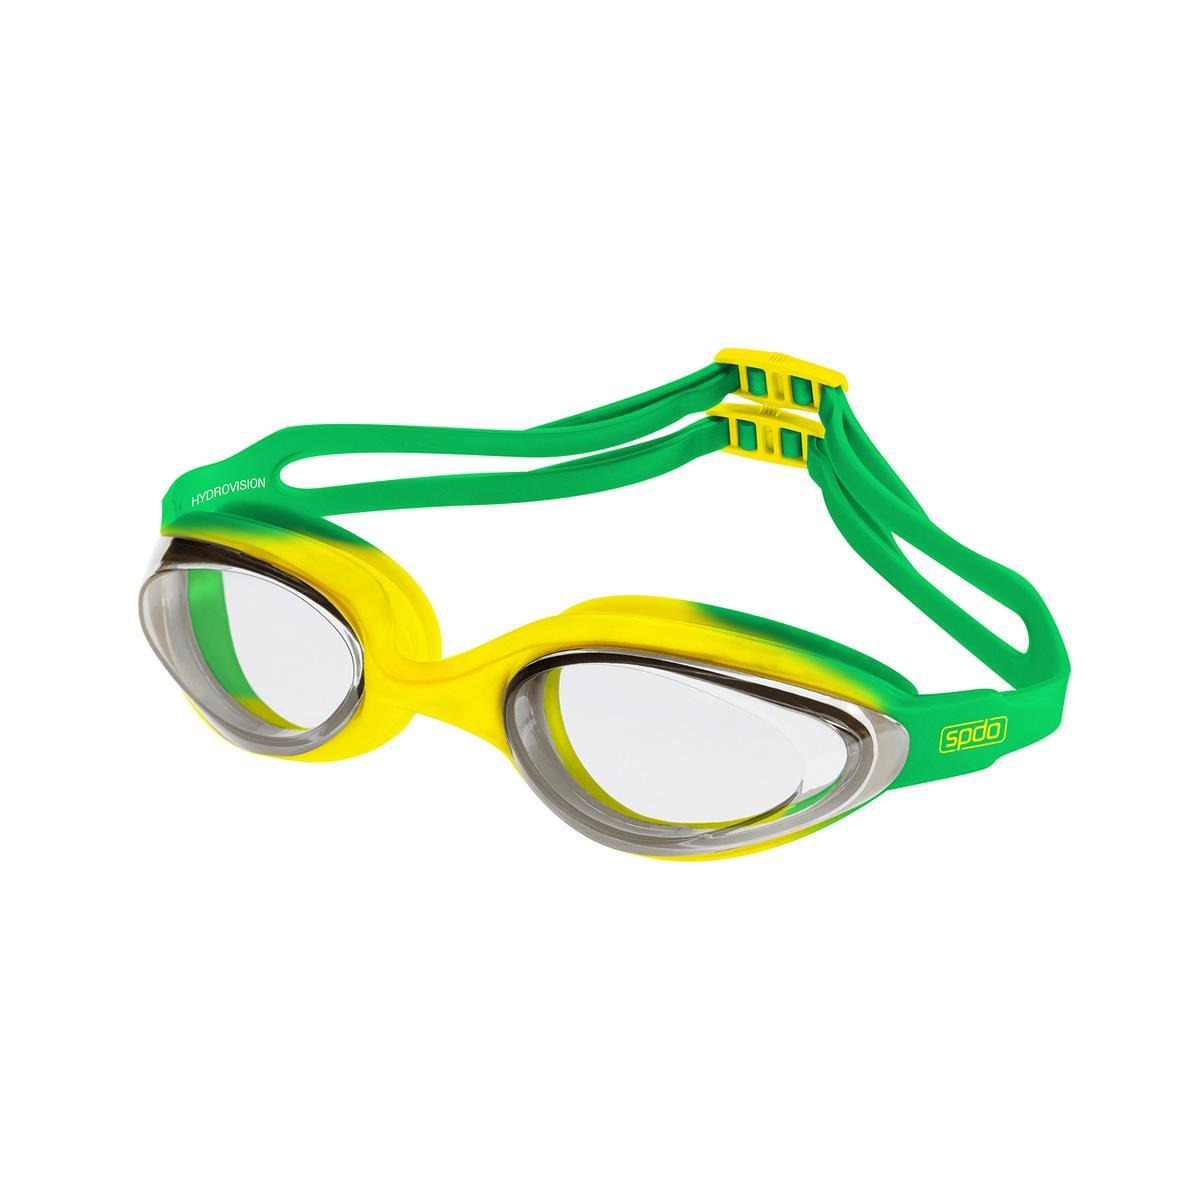 fc7573a37 Óculos de Natação Speedo Hydrovision